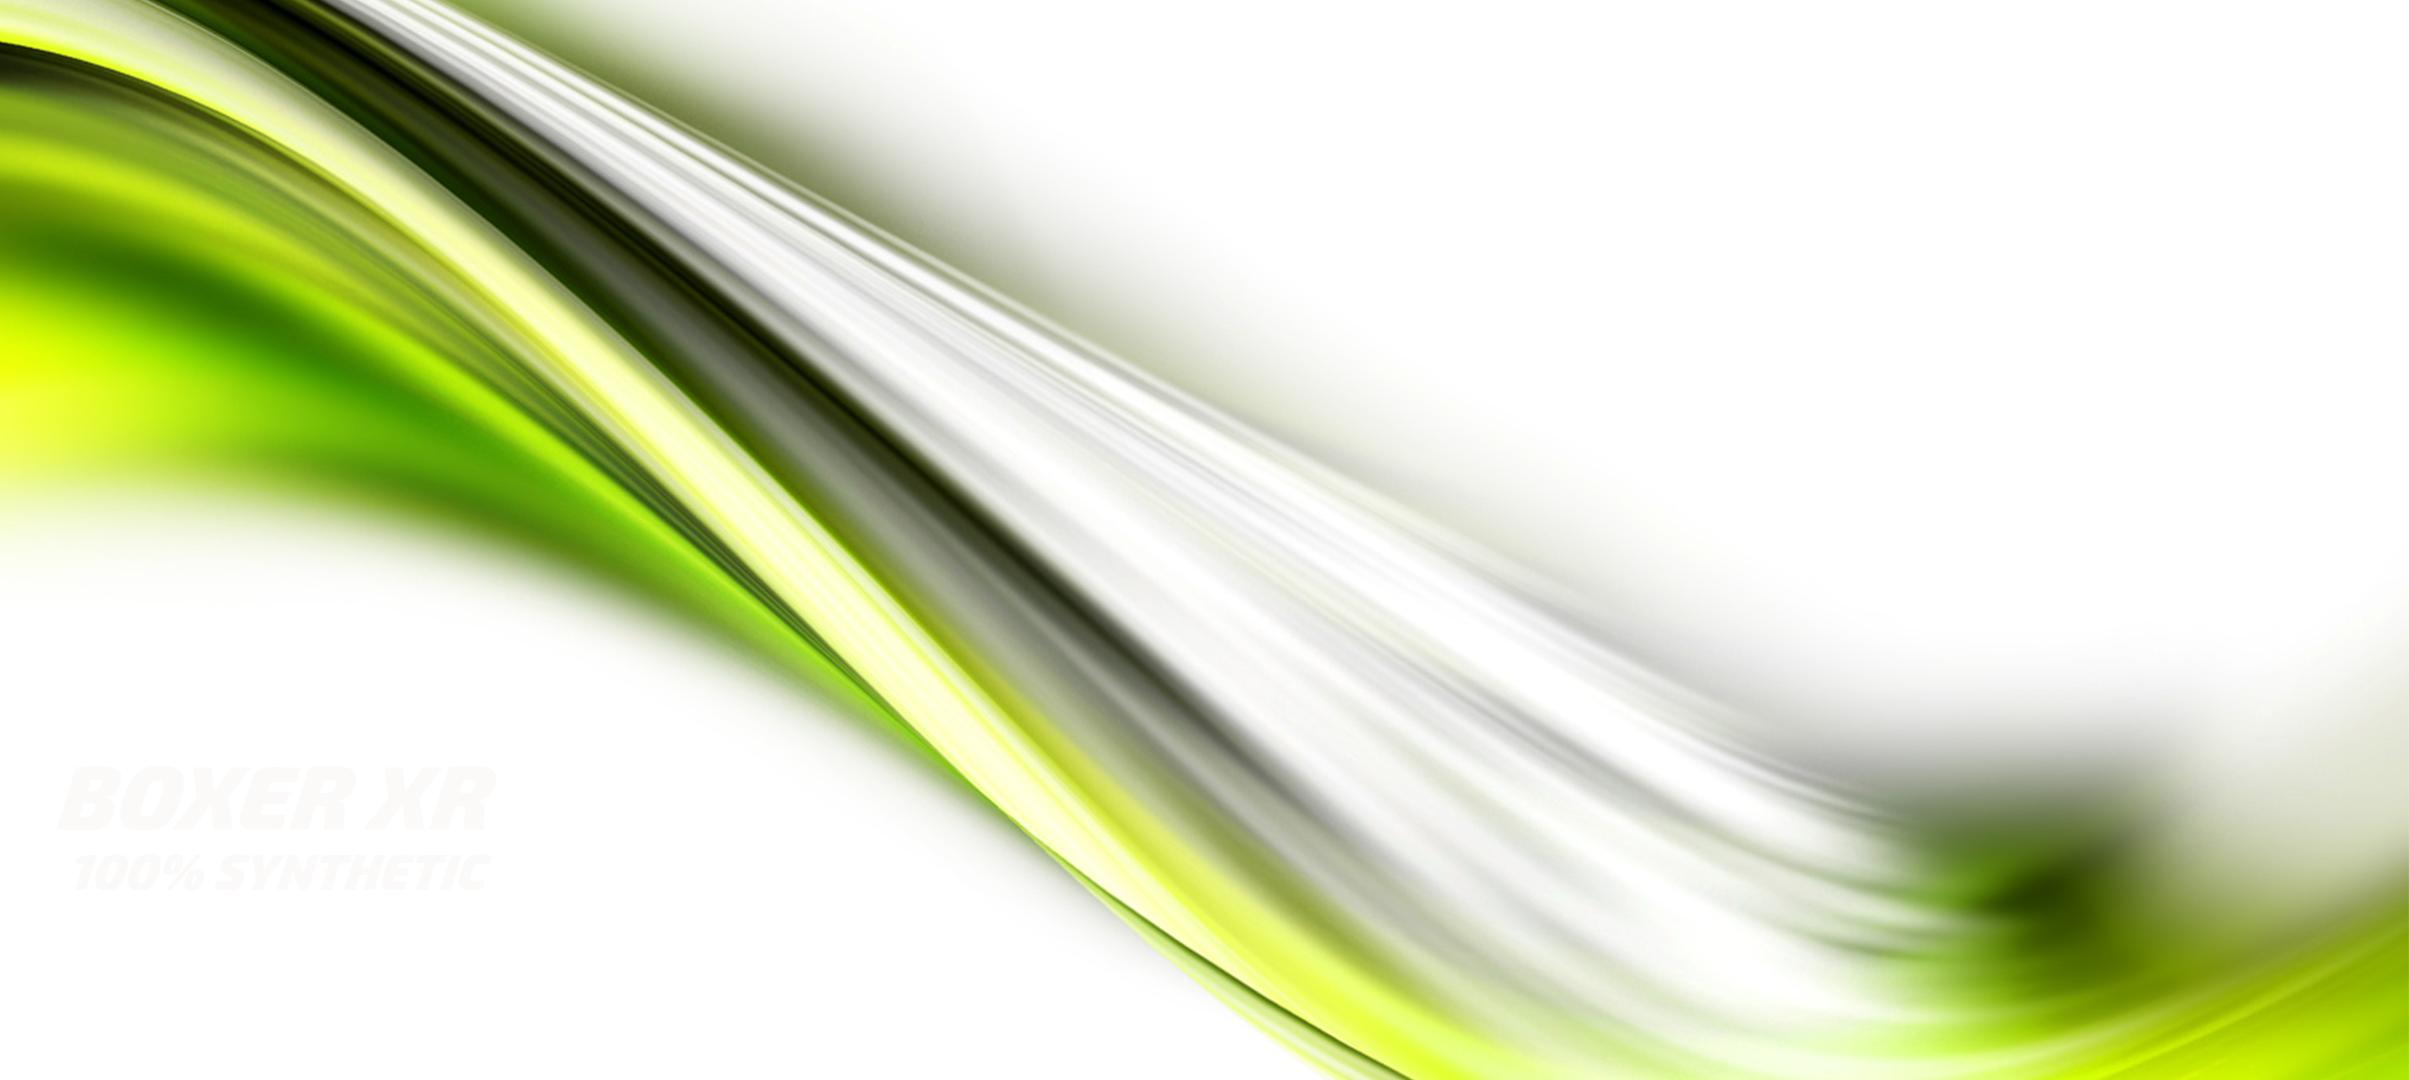 Cambio-aceite-coche-precio-motor-sintético-ACEITE SORT OIL - LUBRICANTE